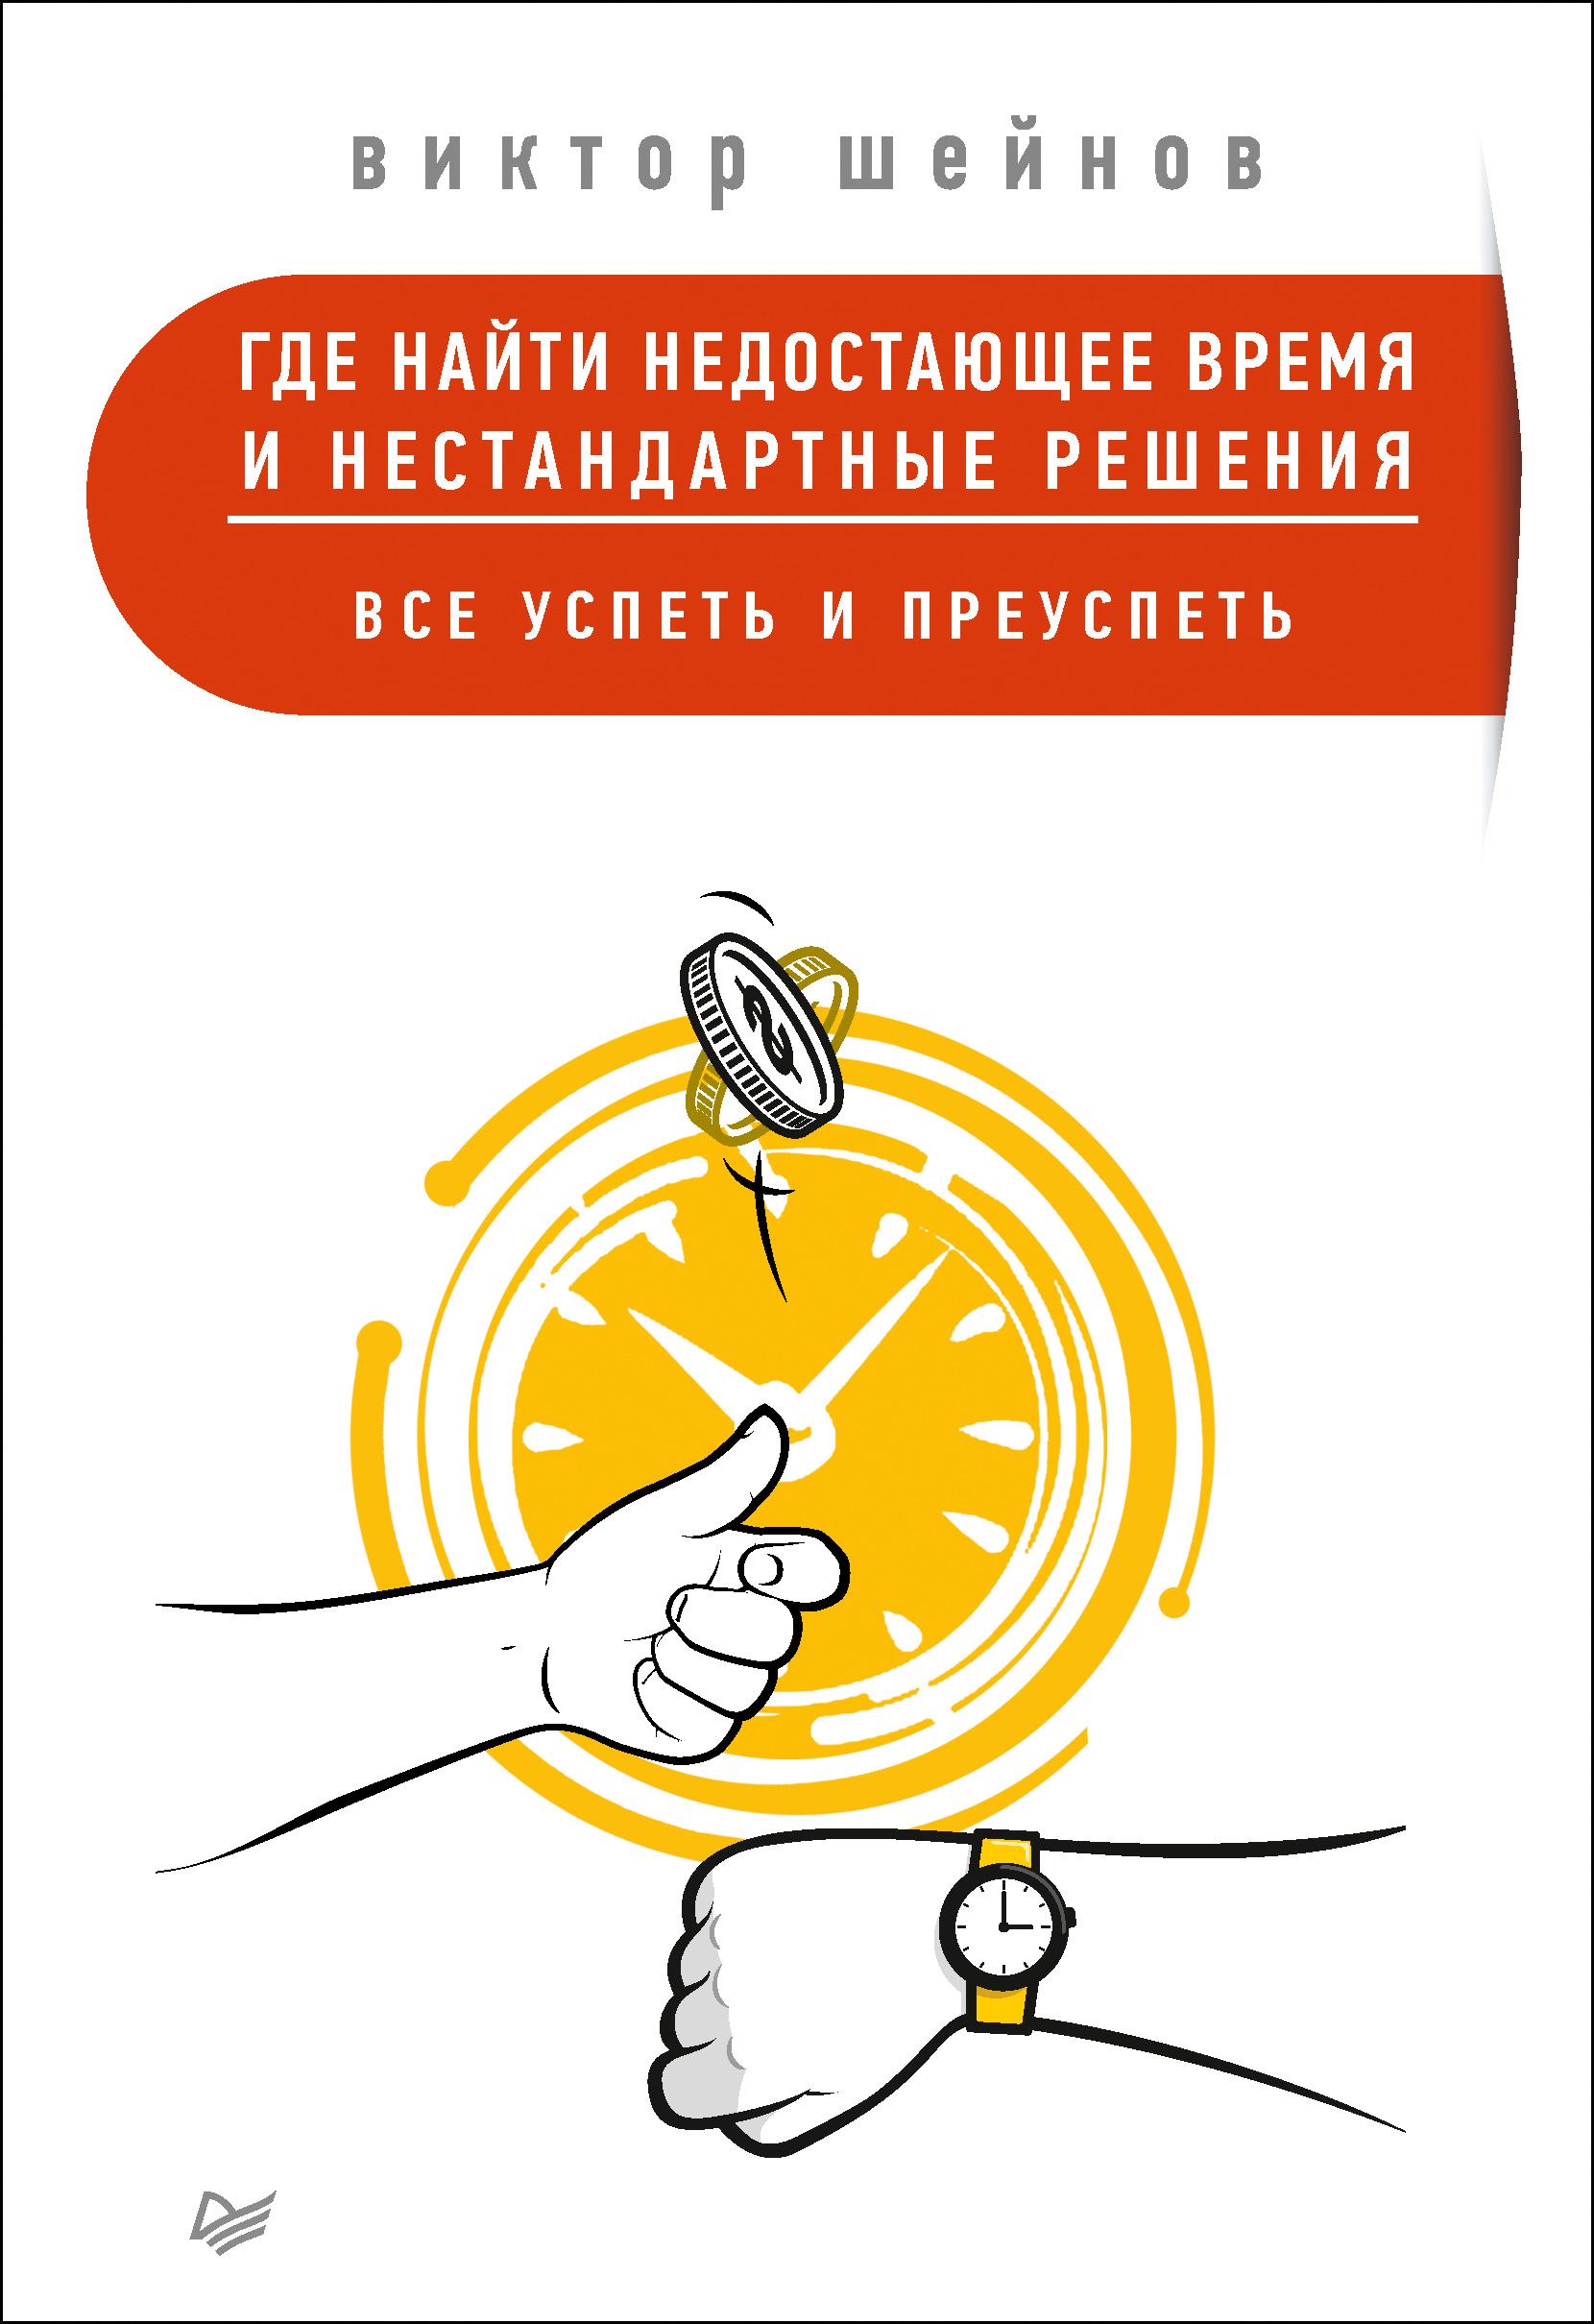 Виктор Шейнов Где найти недостающее время и нестандартные решения. Все успеть и преуспеть